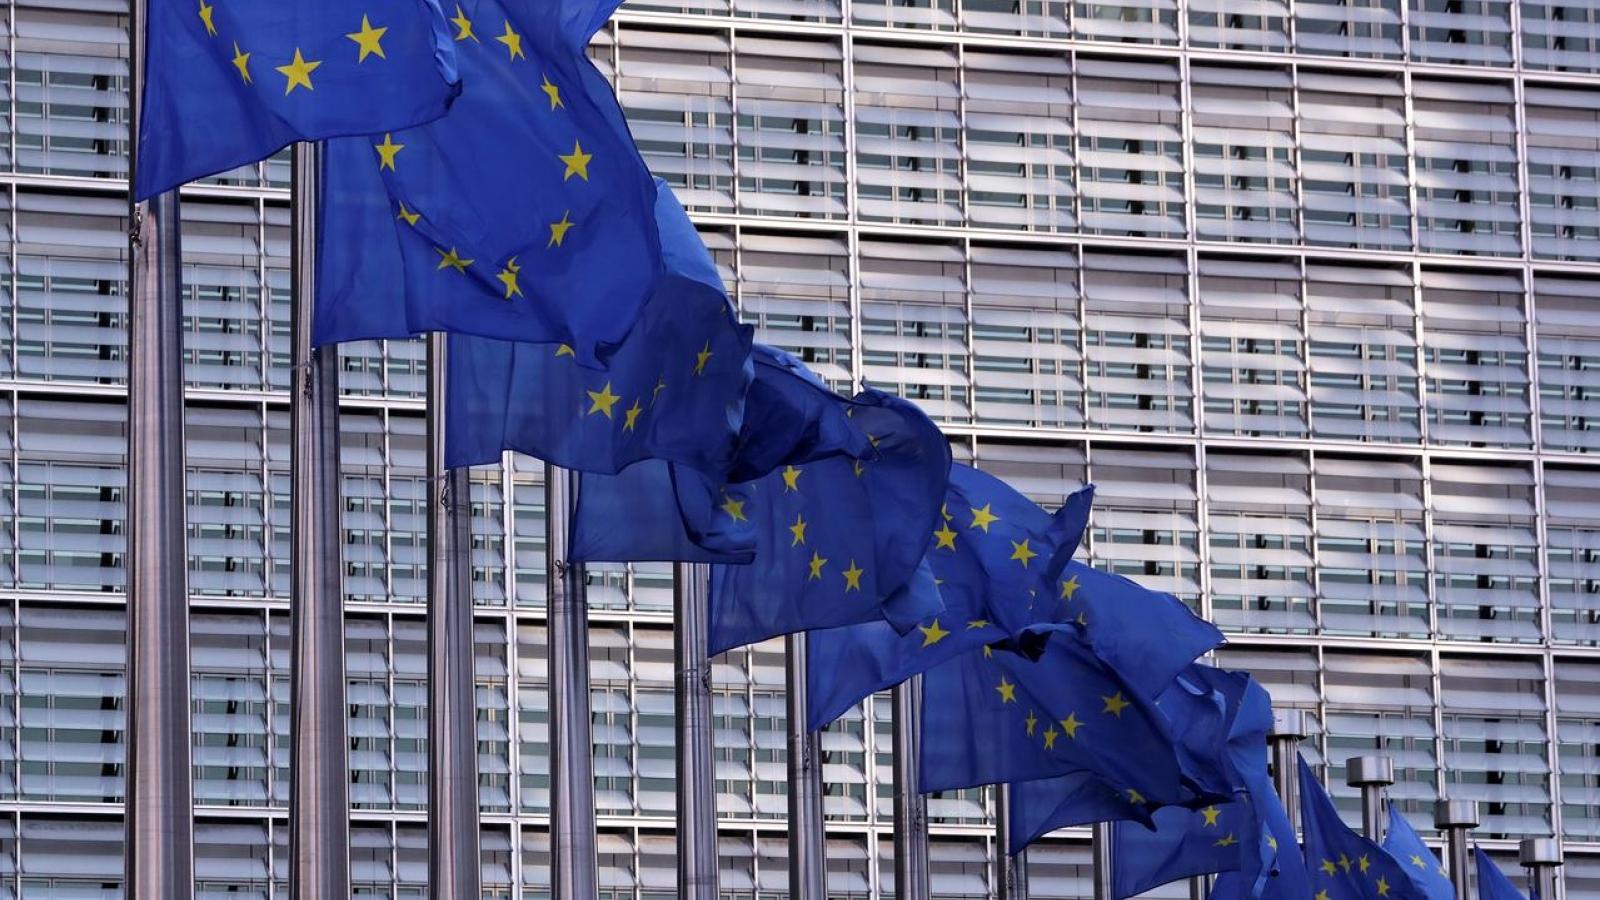 Hội nghị Thượng đỉnh EU: Thống nhất cứng rắn với Thổ Nhĩ Kỳ và trừng phạt Belarus